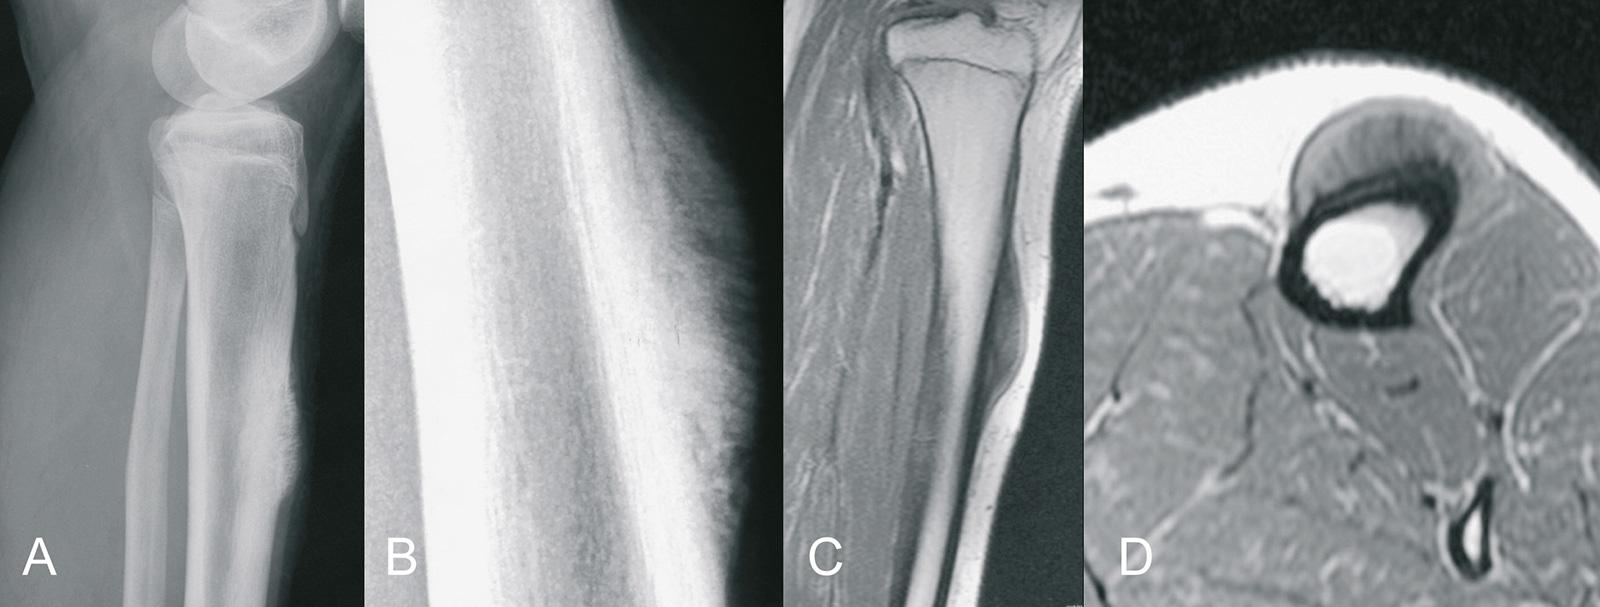 Abb. 8-71: Periostales Osteosarkom: natives Röntgenbild (A,B) und MRT-Bildgebung (C,D) (Eigentum des Instituts für Klinische Radiologie der Universität Münster)